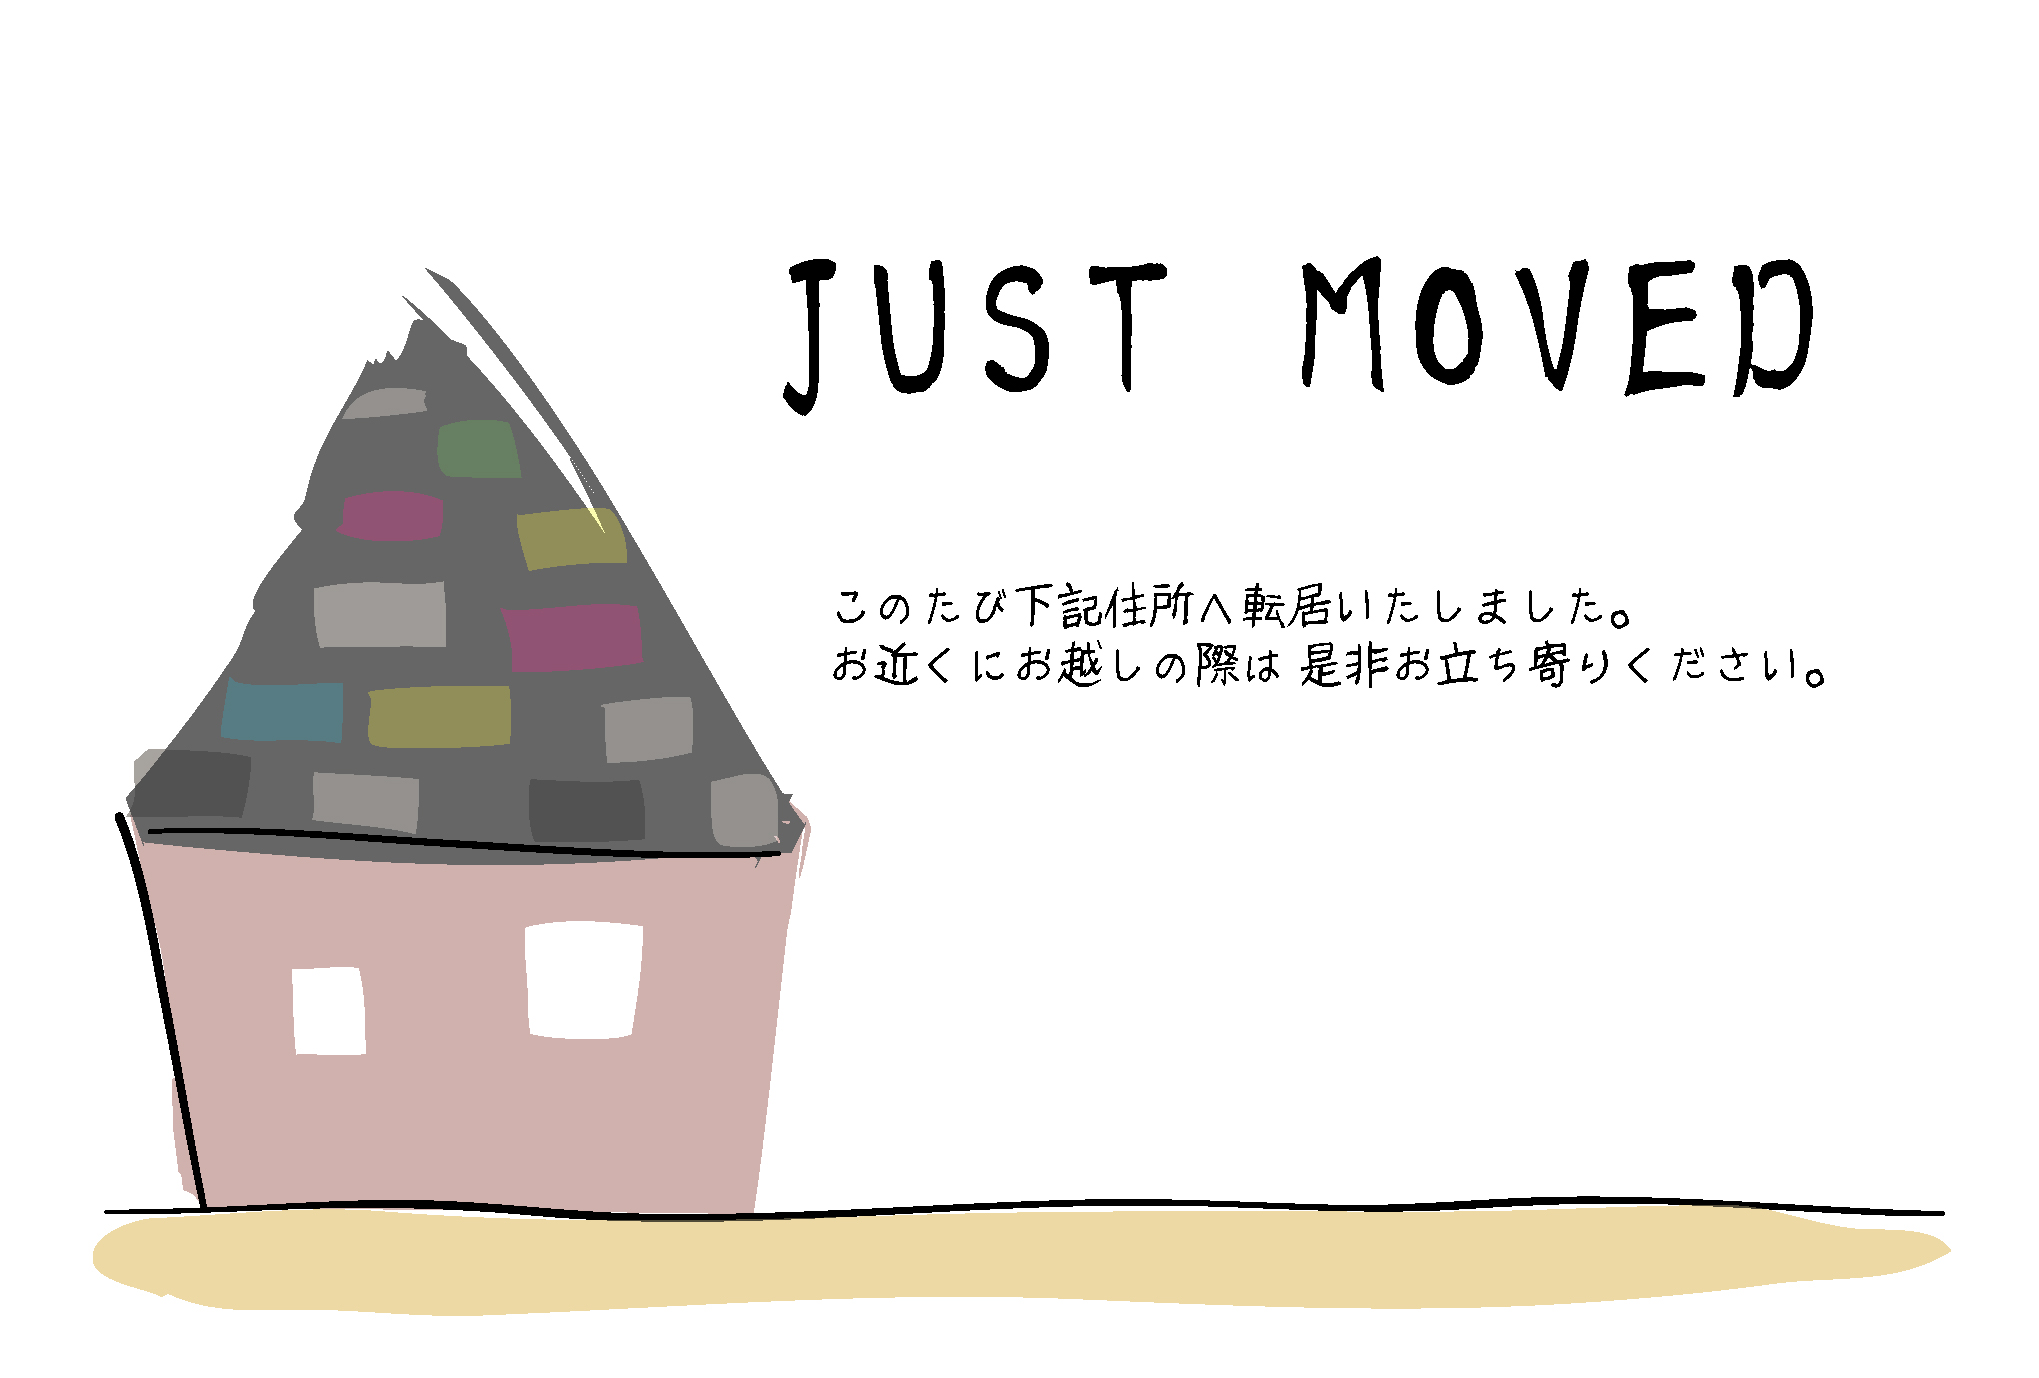 シンプルでかわいい家のイラストです : 可愛い【引越しはがき】 転居報告